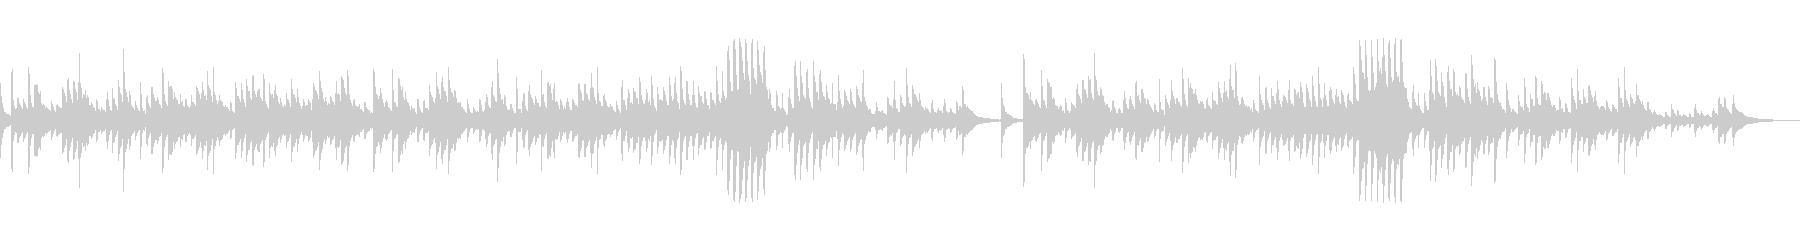 ショパン「別れの曲」和風箏アレンジの未再生の波形